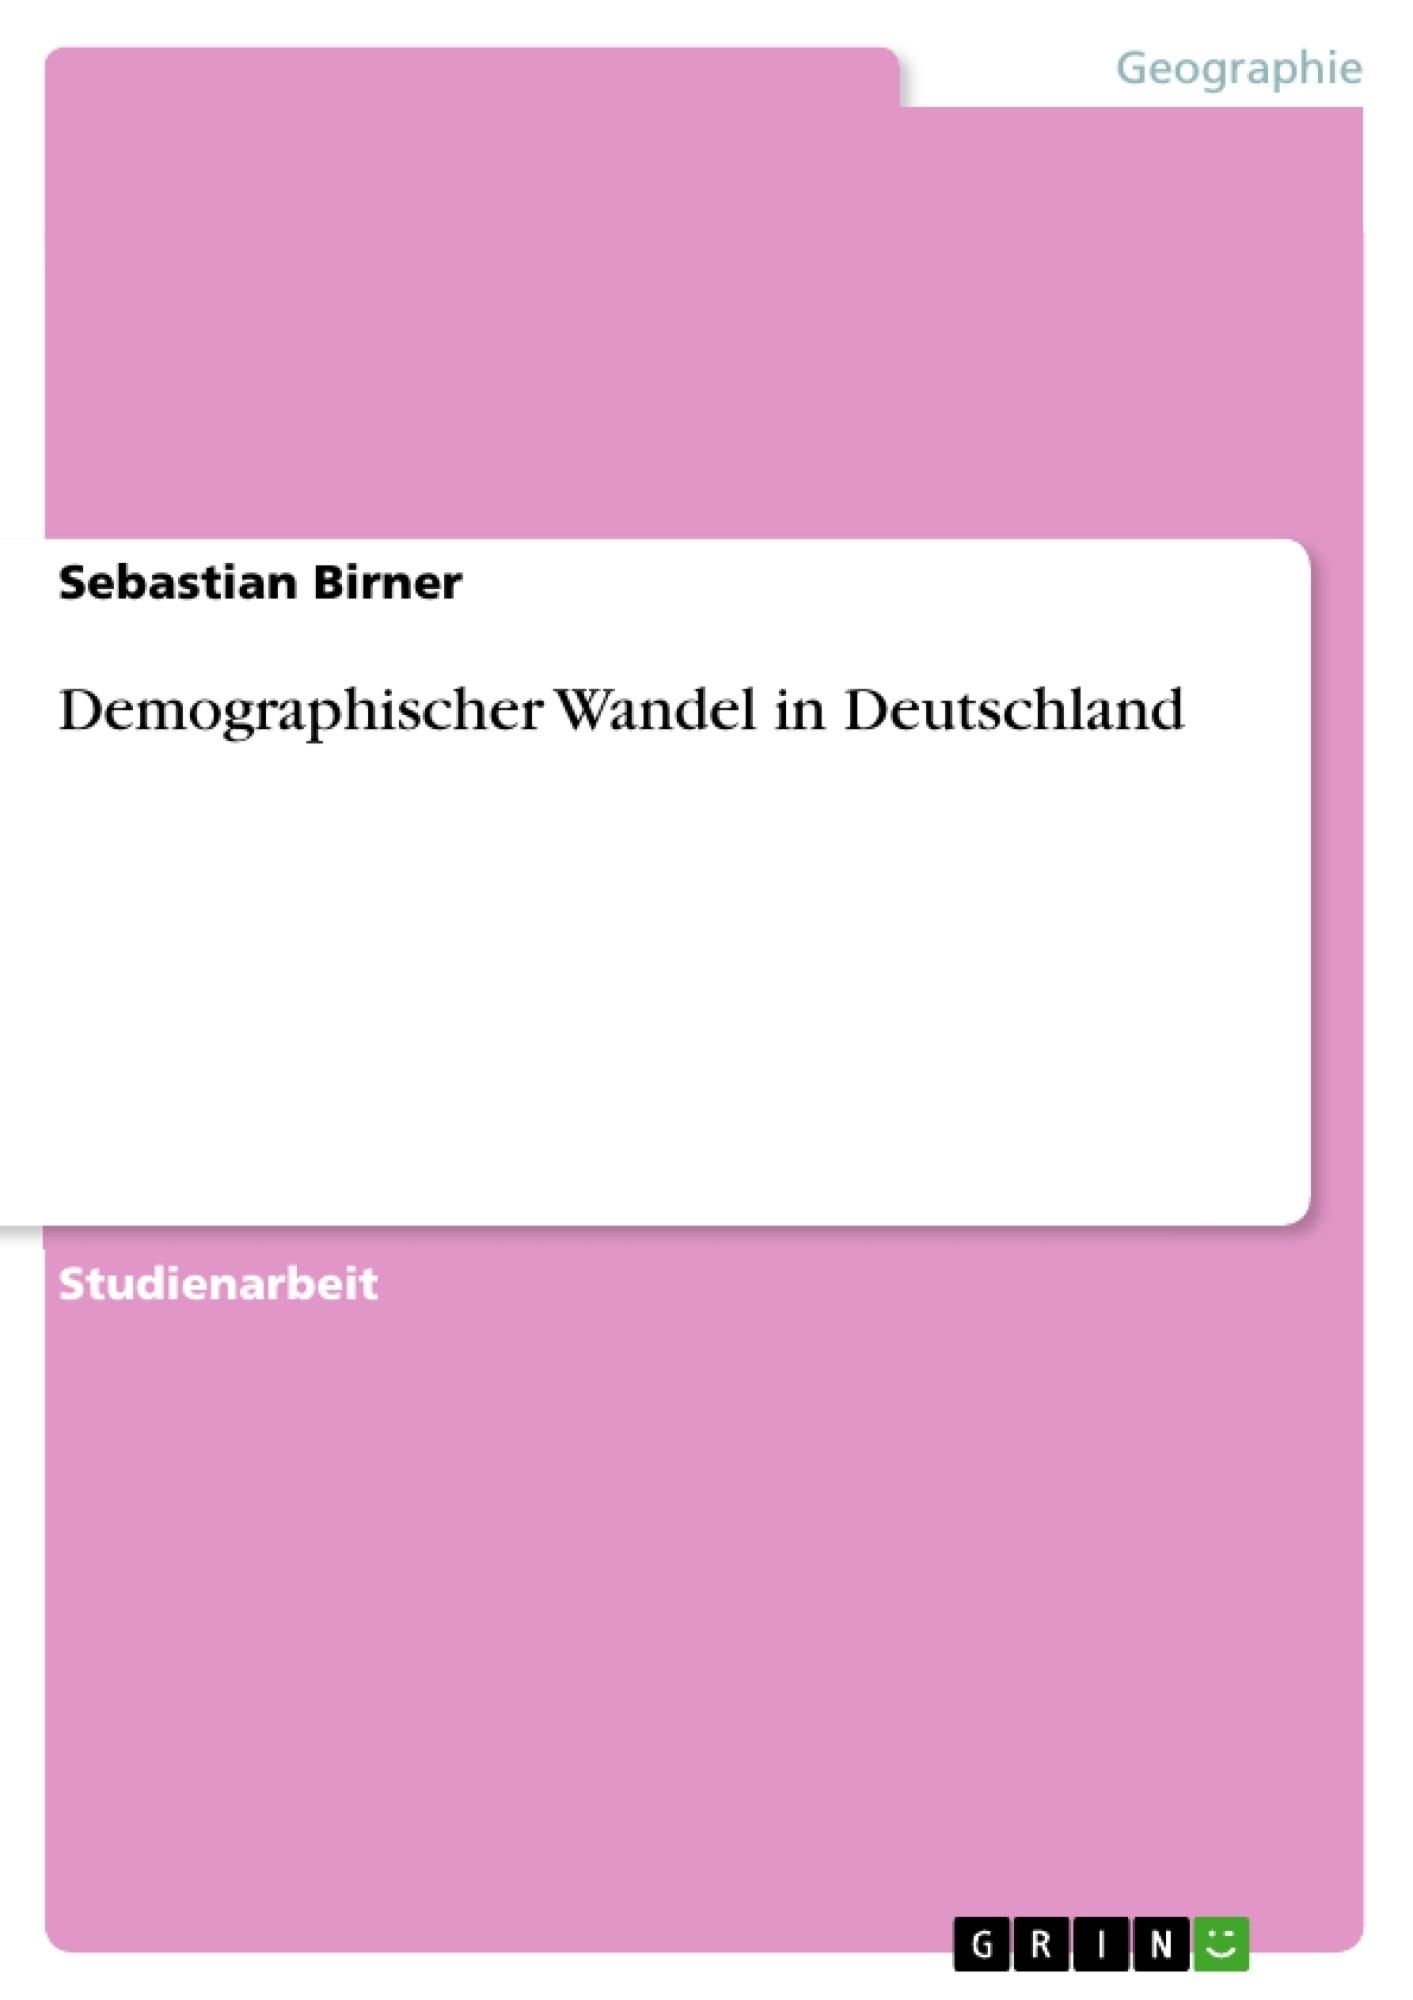 Titel: Demographischer Wandel in Deutschland